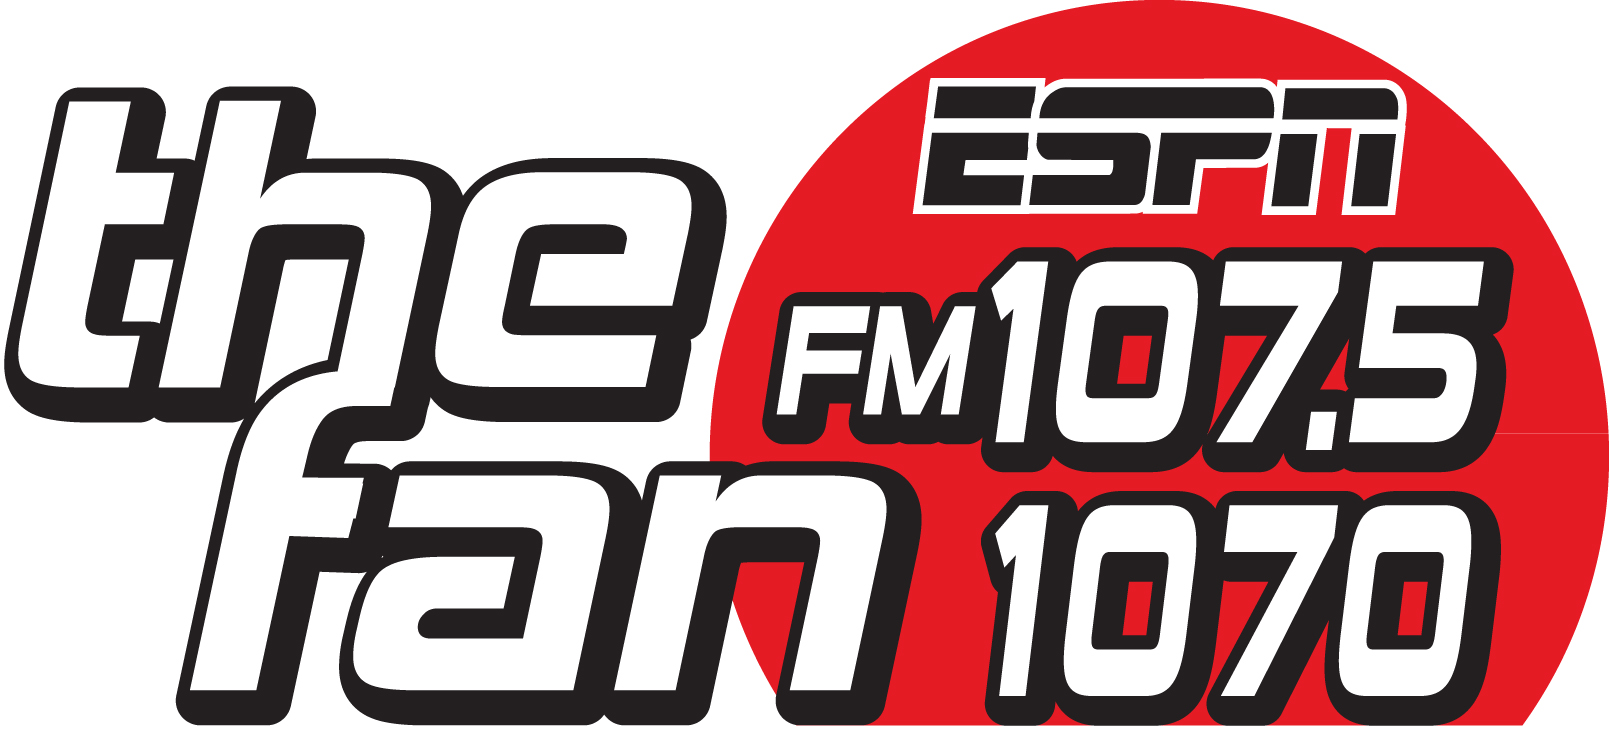 theFan_1070_1075_logo